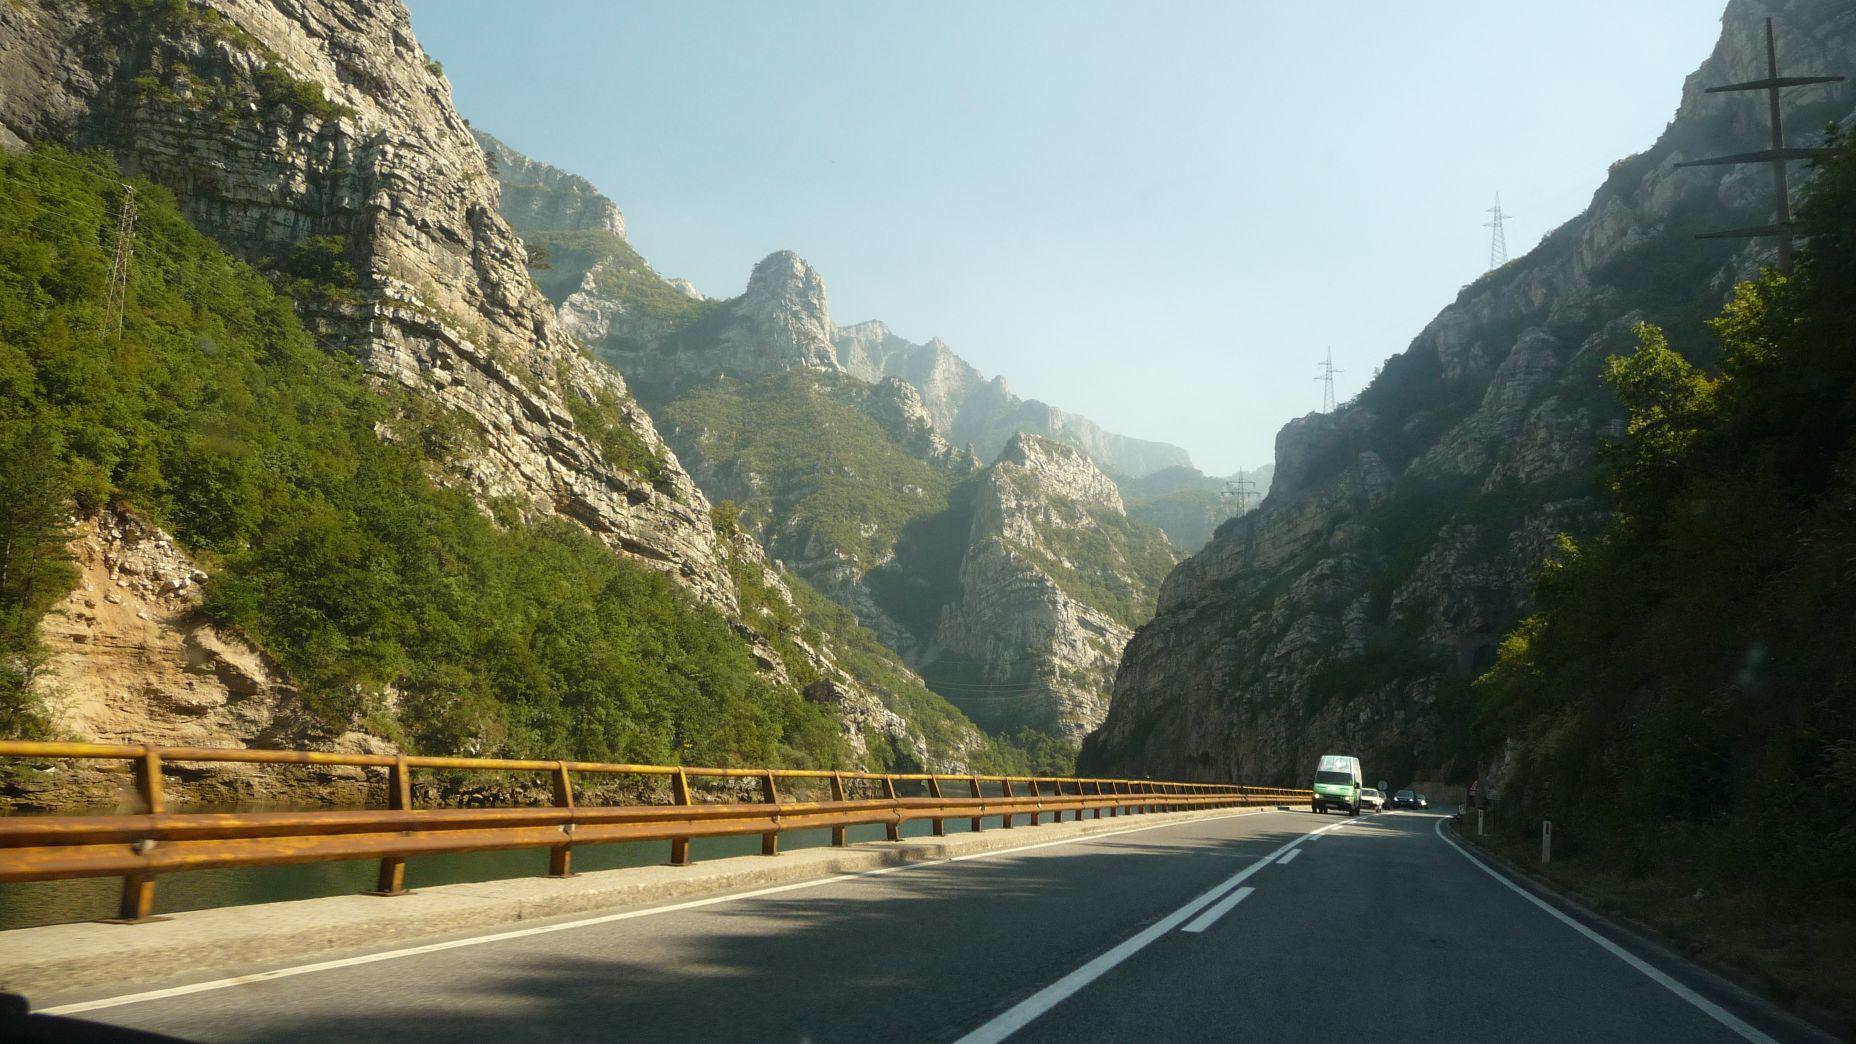 Bośnia i hercegowina - Mostar - zdjęcia, atrakcje